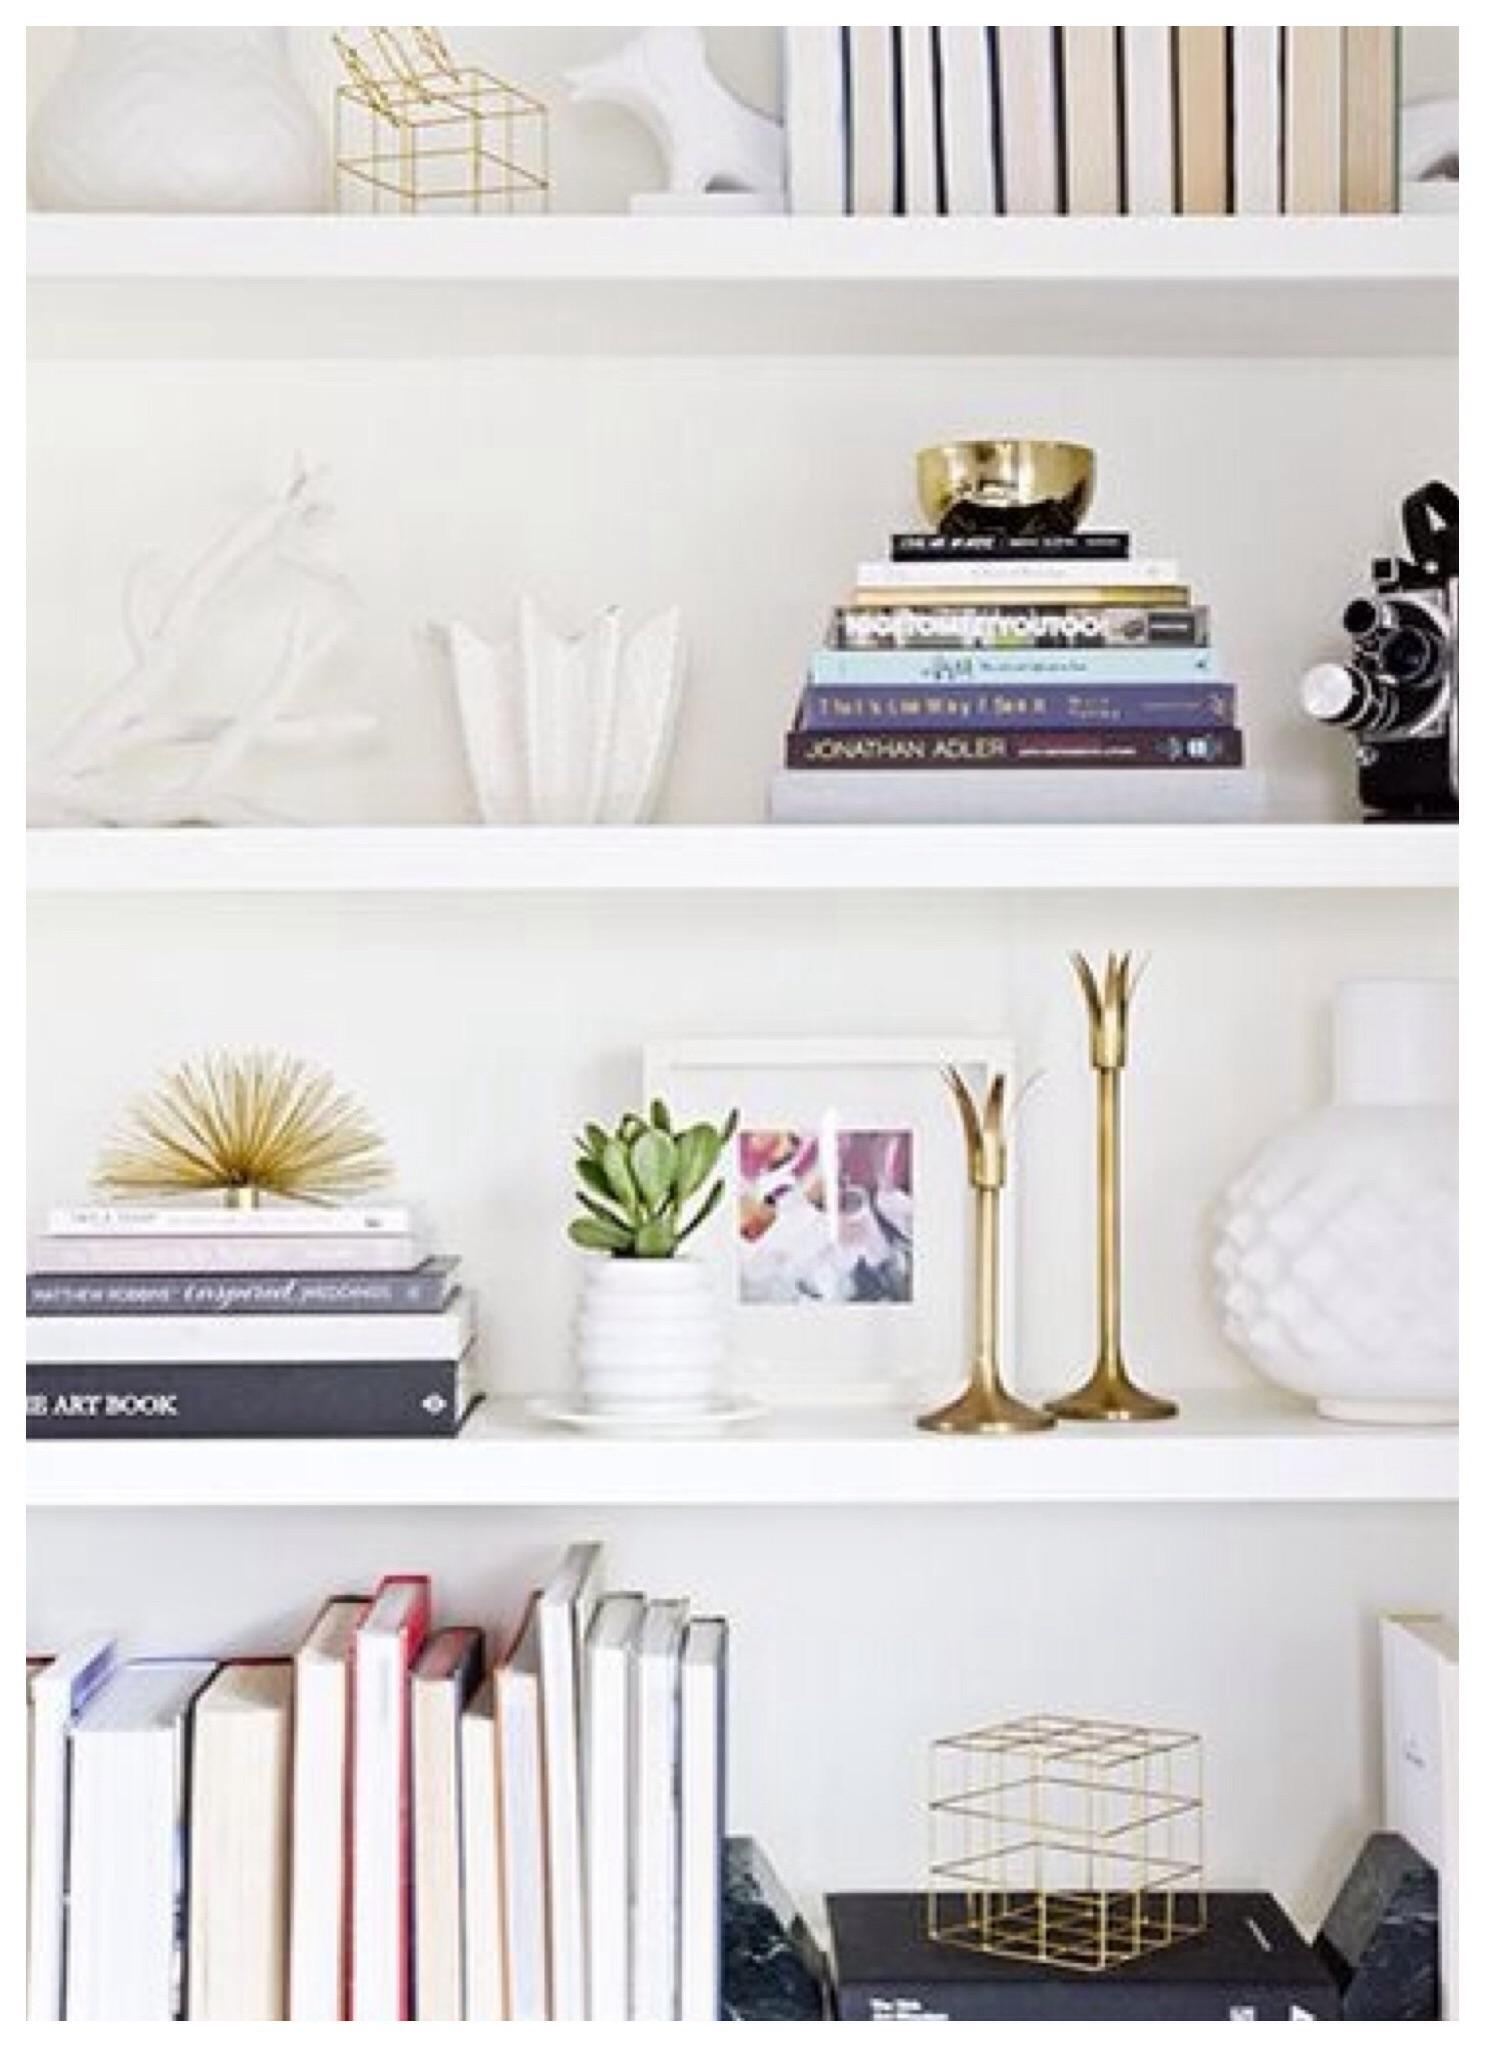 C mo decorar estanter as de una forma creativa - Decoracion de estanterias ...